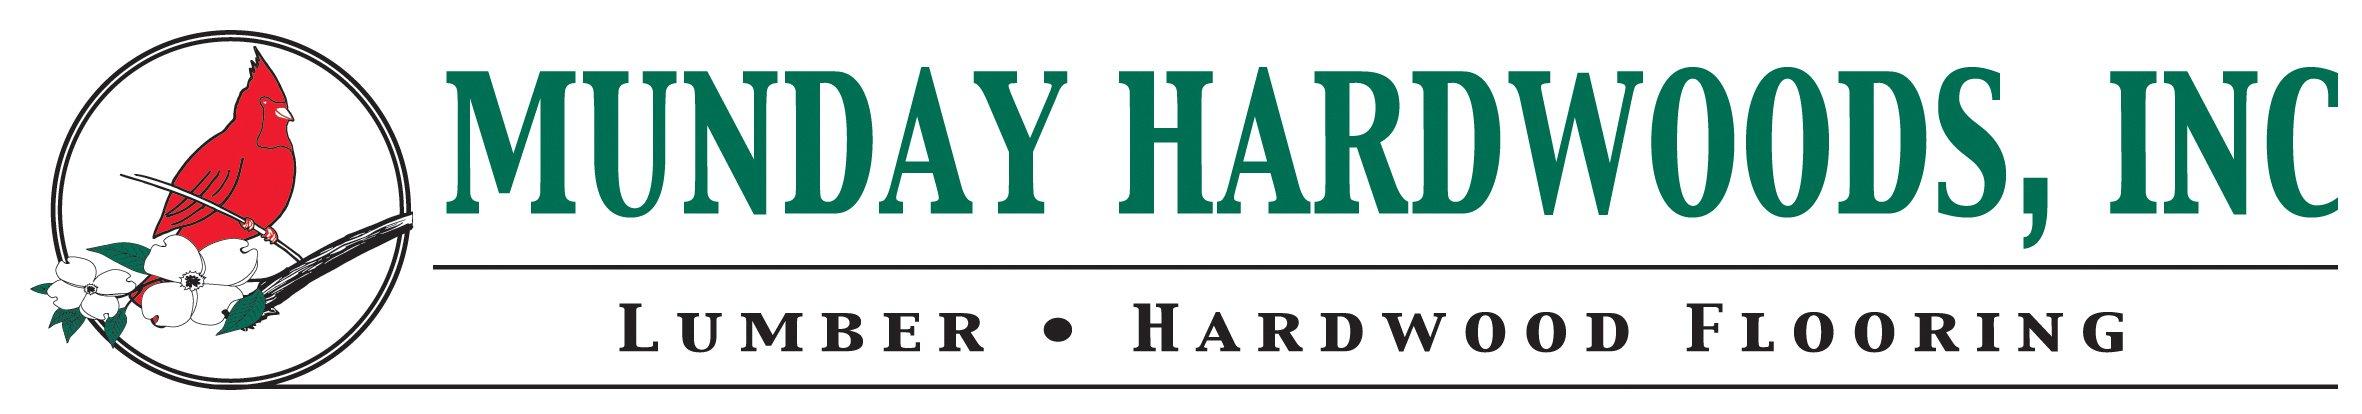 Munday Hardwoods, Inc. Logo